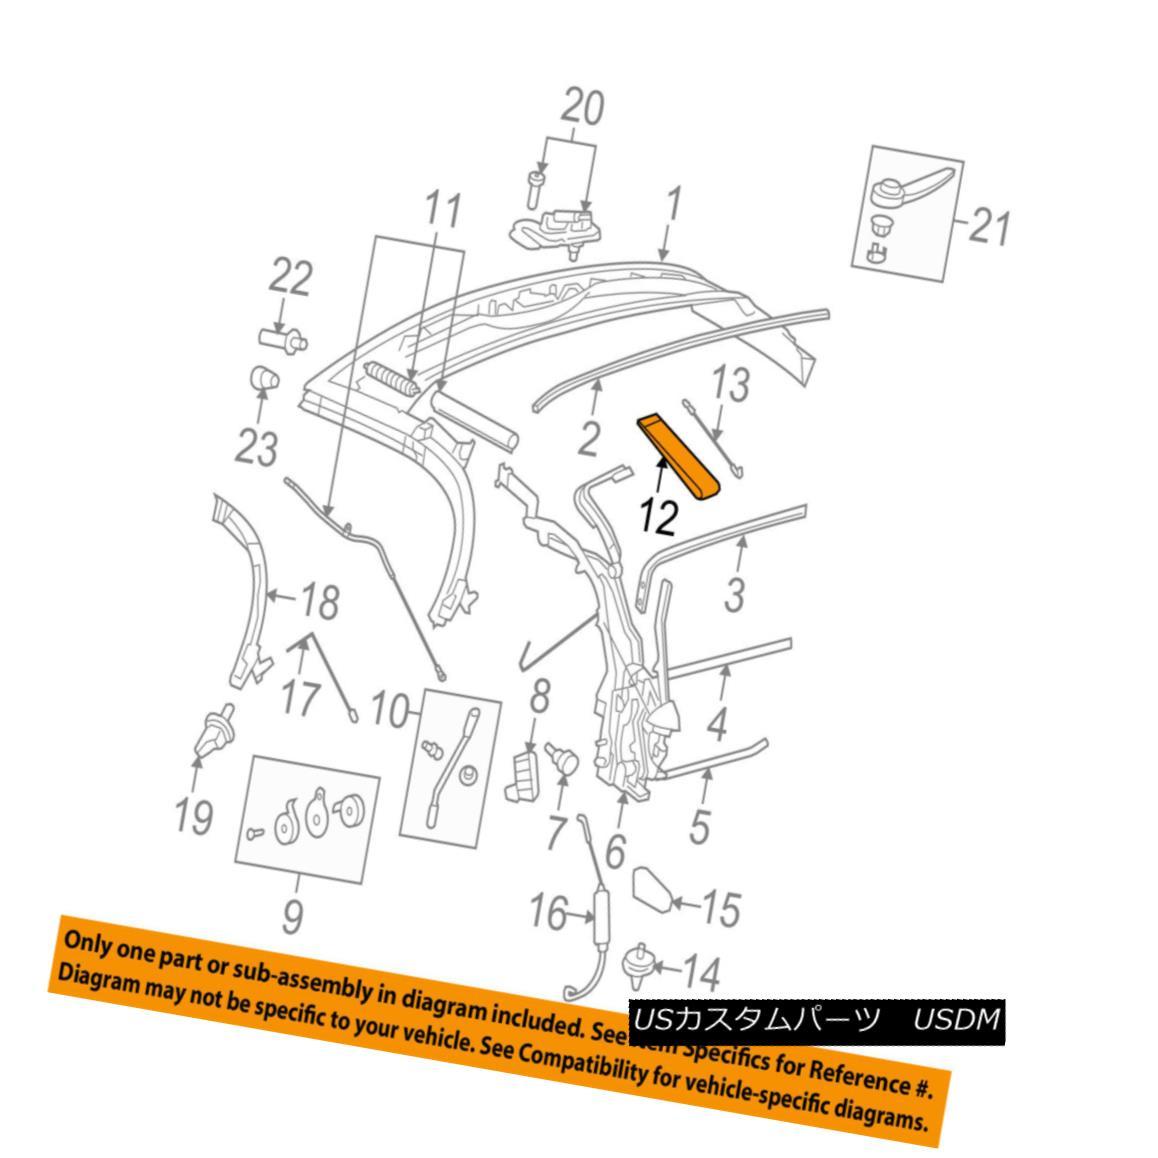 幌・ソフトトップ GM OEM Convertible/soft Top-Strap 19120273 GMのOEMのコンバーチブル/ so ftトップストラップ19120273